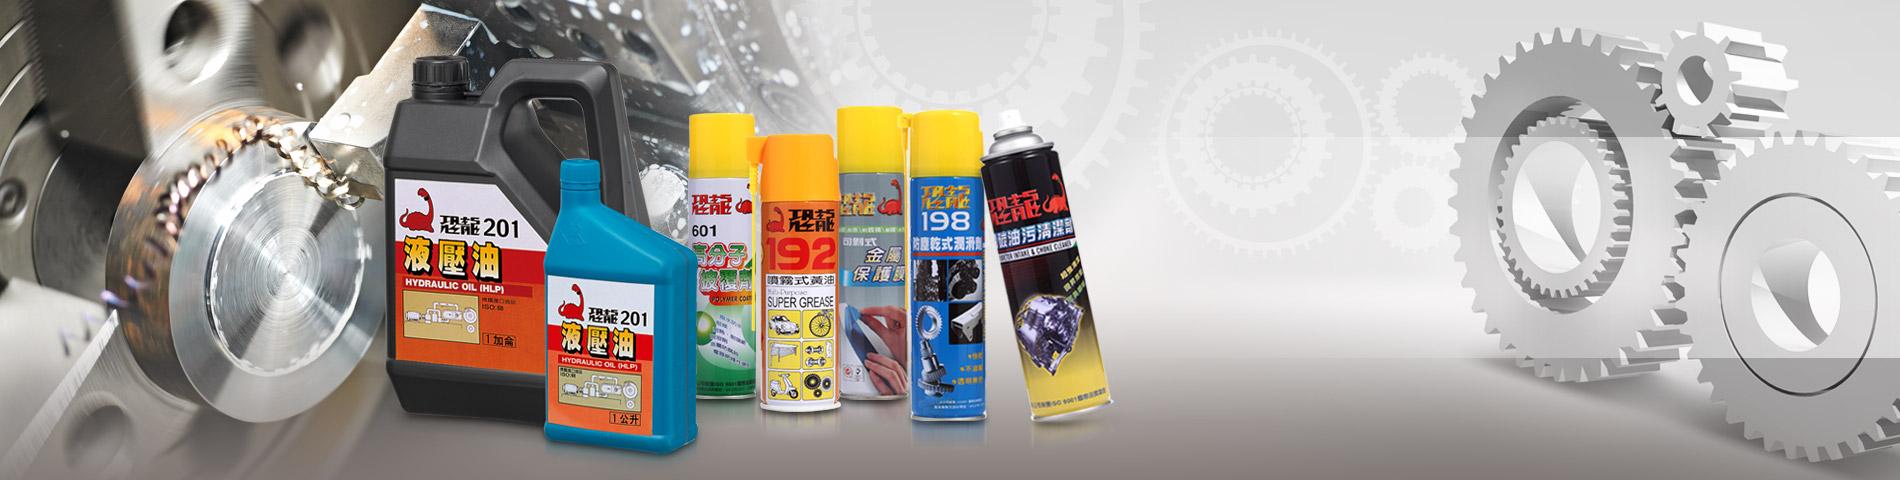 工業相關系列 防鏽、潤滑、加工、清潔 從防鏽到清潔,工業產品總有日新月異的需求,我們一定有產品能提供支持。